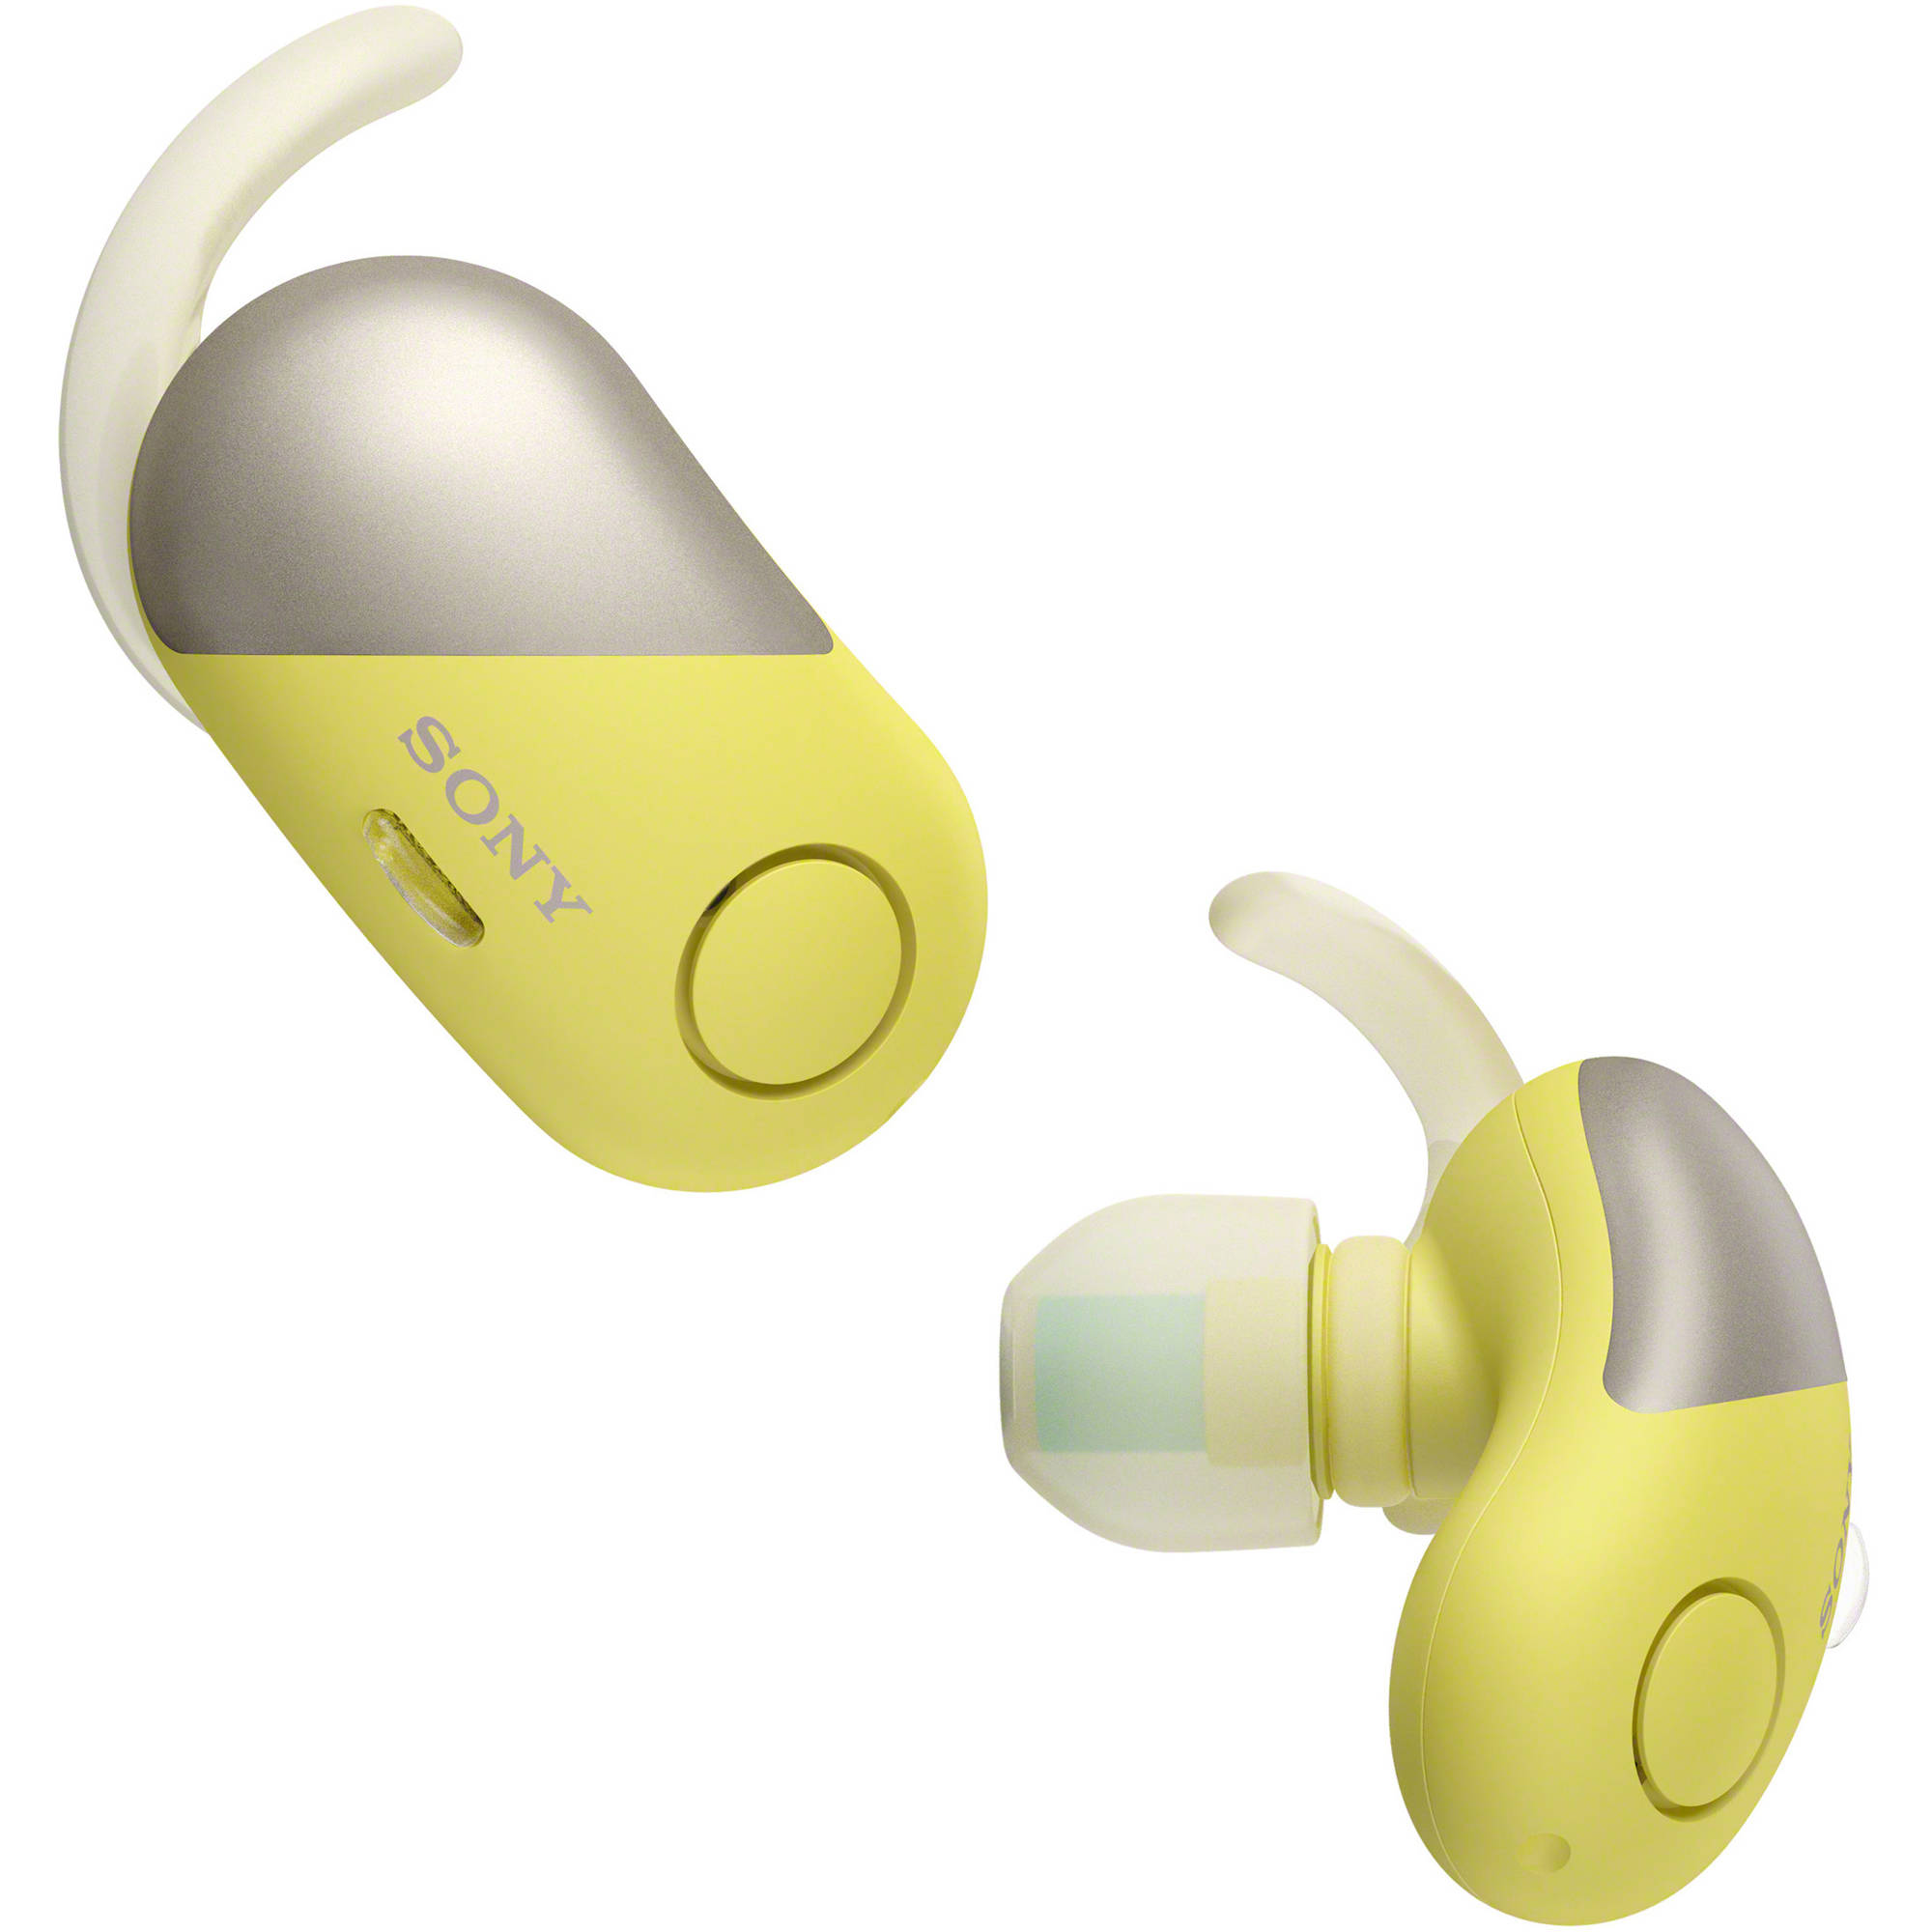 Sony wireless headphones yellow - sony headphones mic